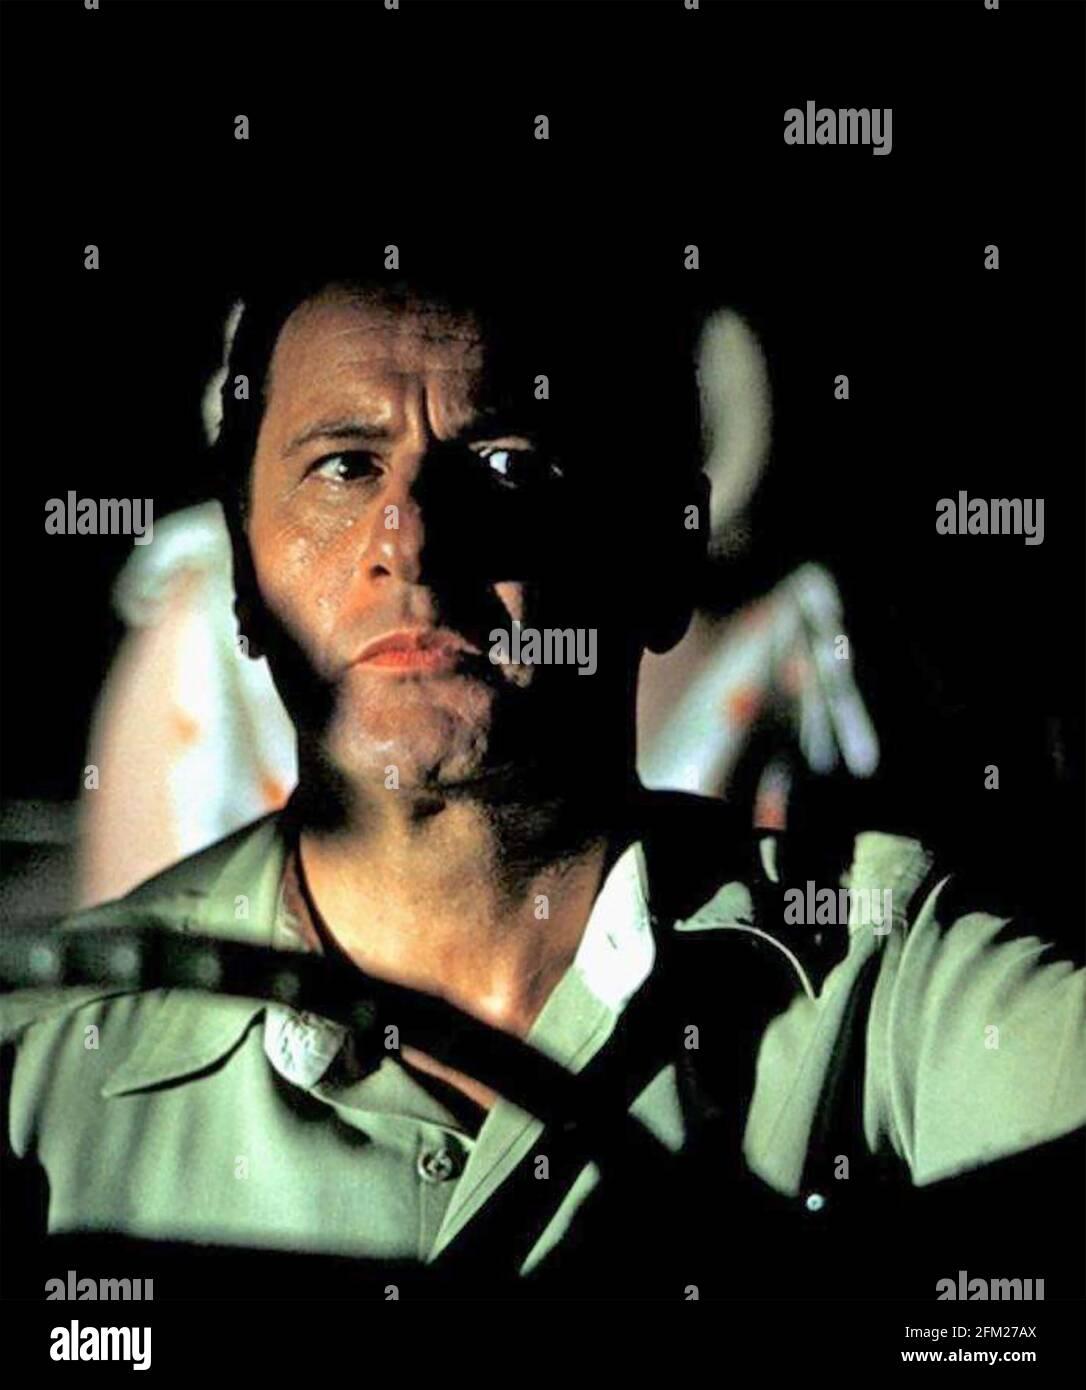 ELI WALLACH (1915-2014) scène et acteur américain dans non identifié film Banque D'Images